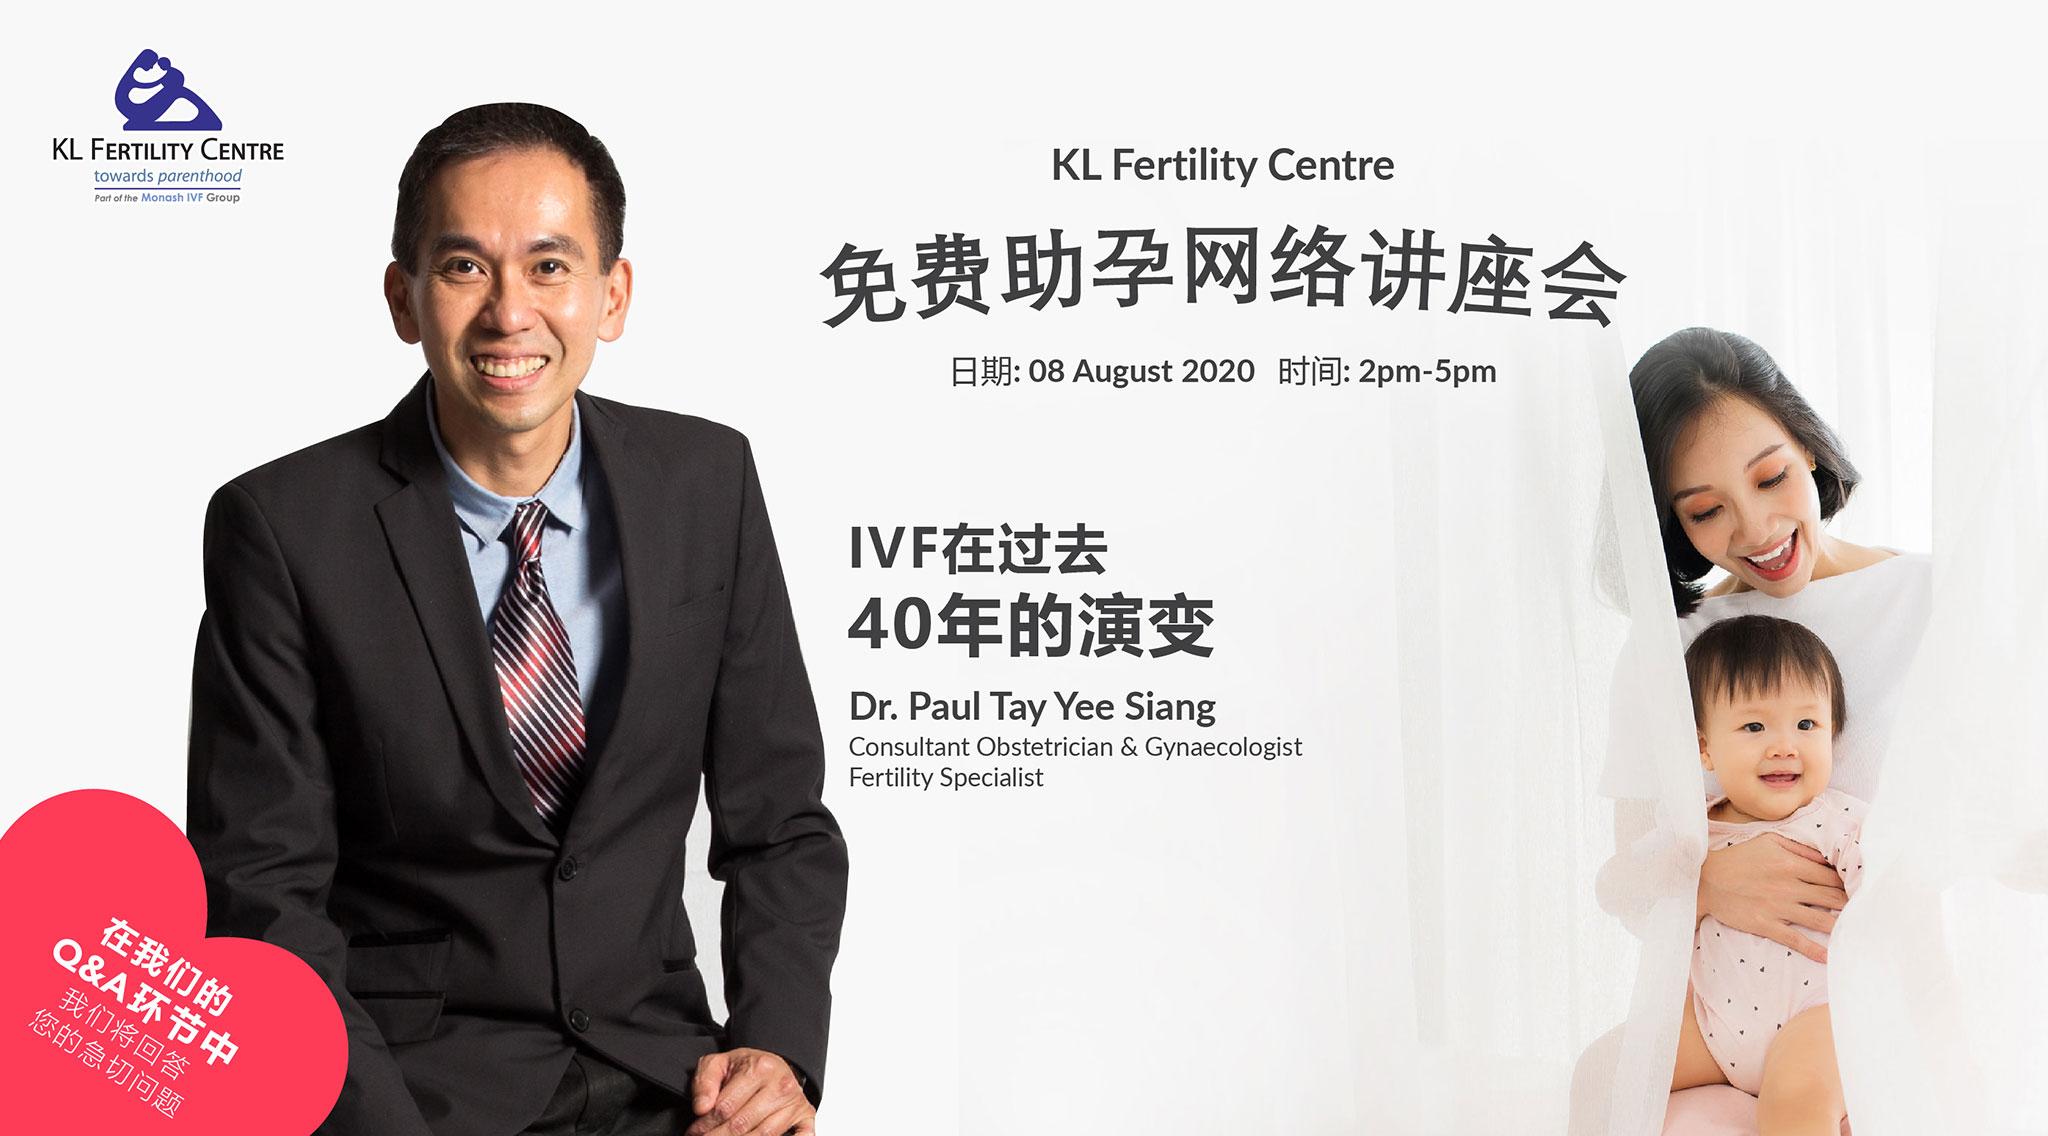 免费助育网络讲座 2020年8月08日 - Dr. Paul Tay 助孕专科医生